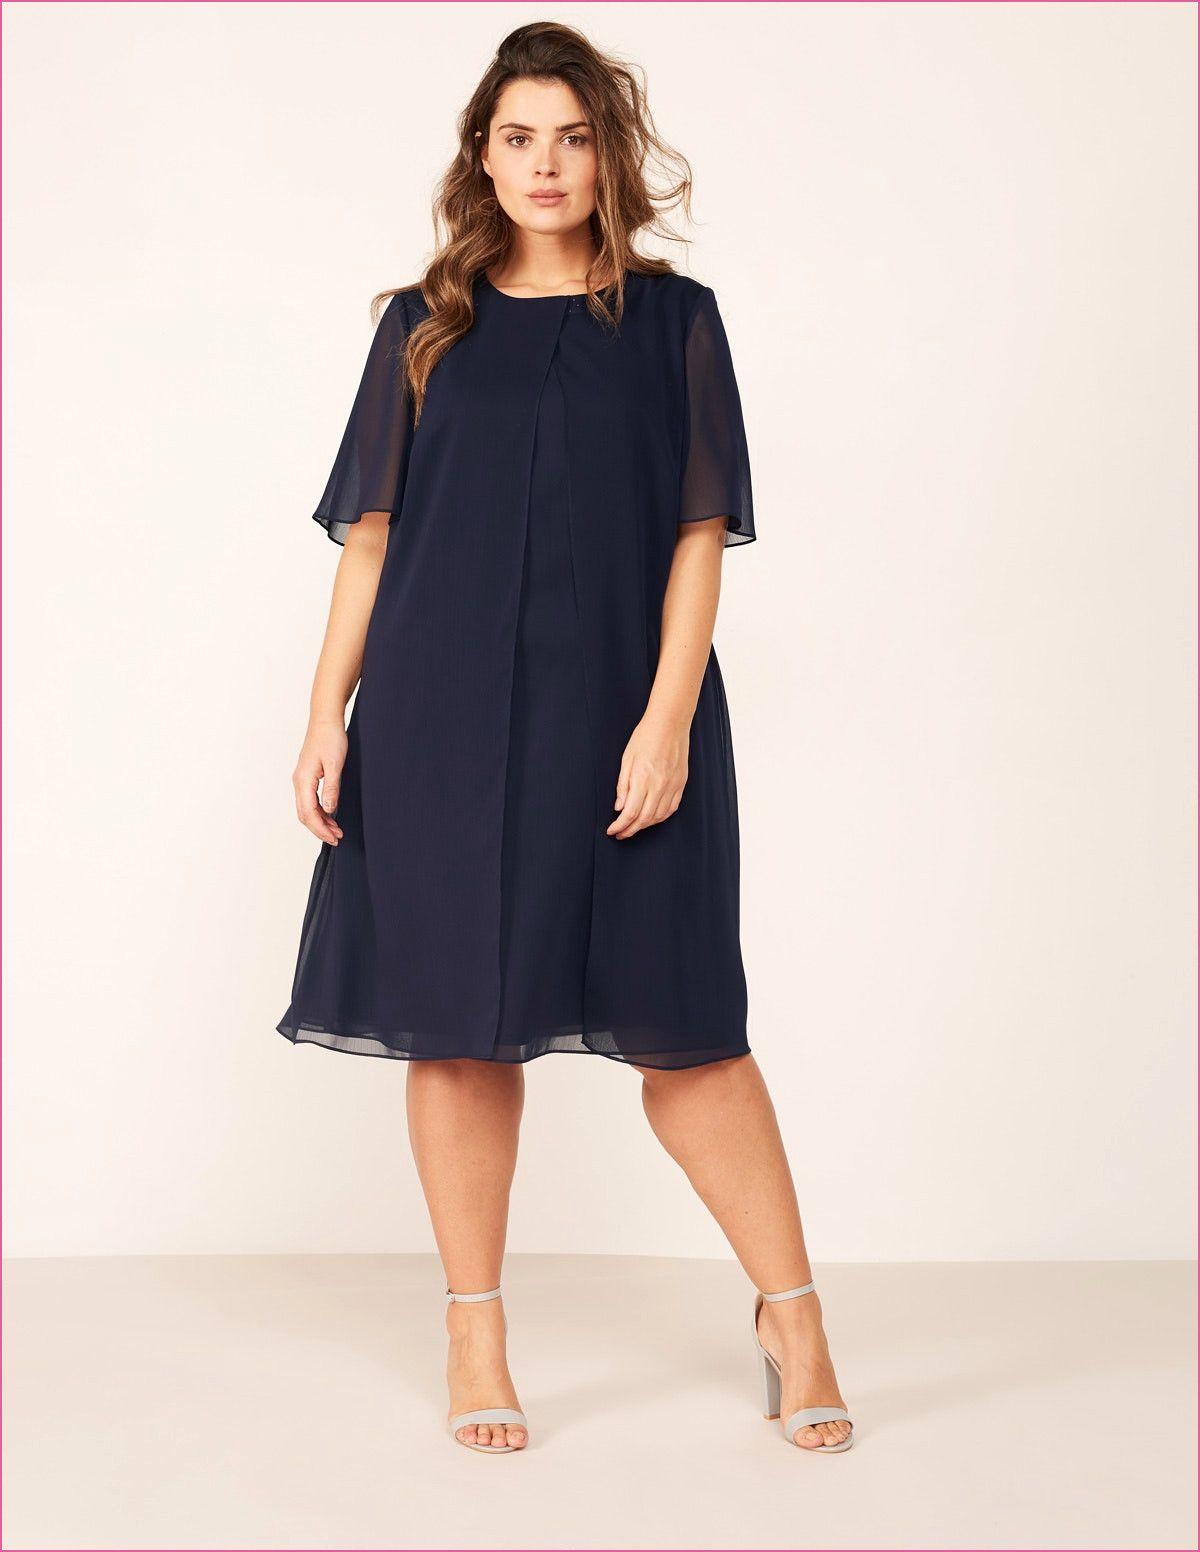 Abendkleider Für Mollige Damen  Kleider damen, Kleider, Festliche